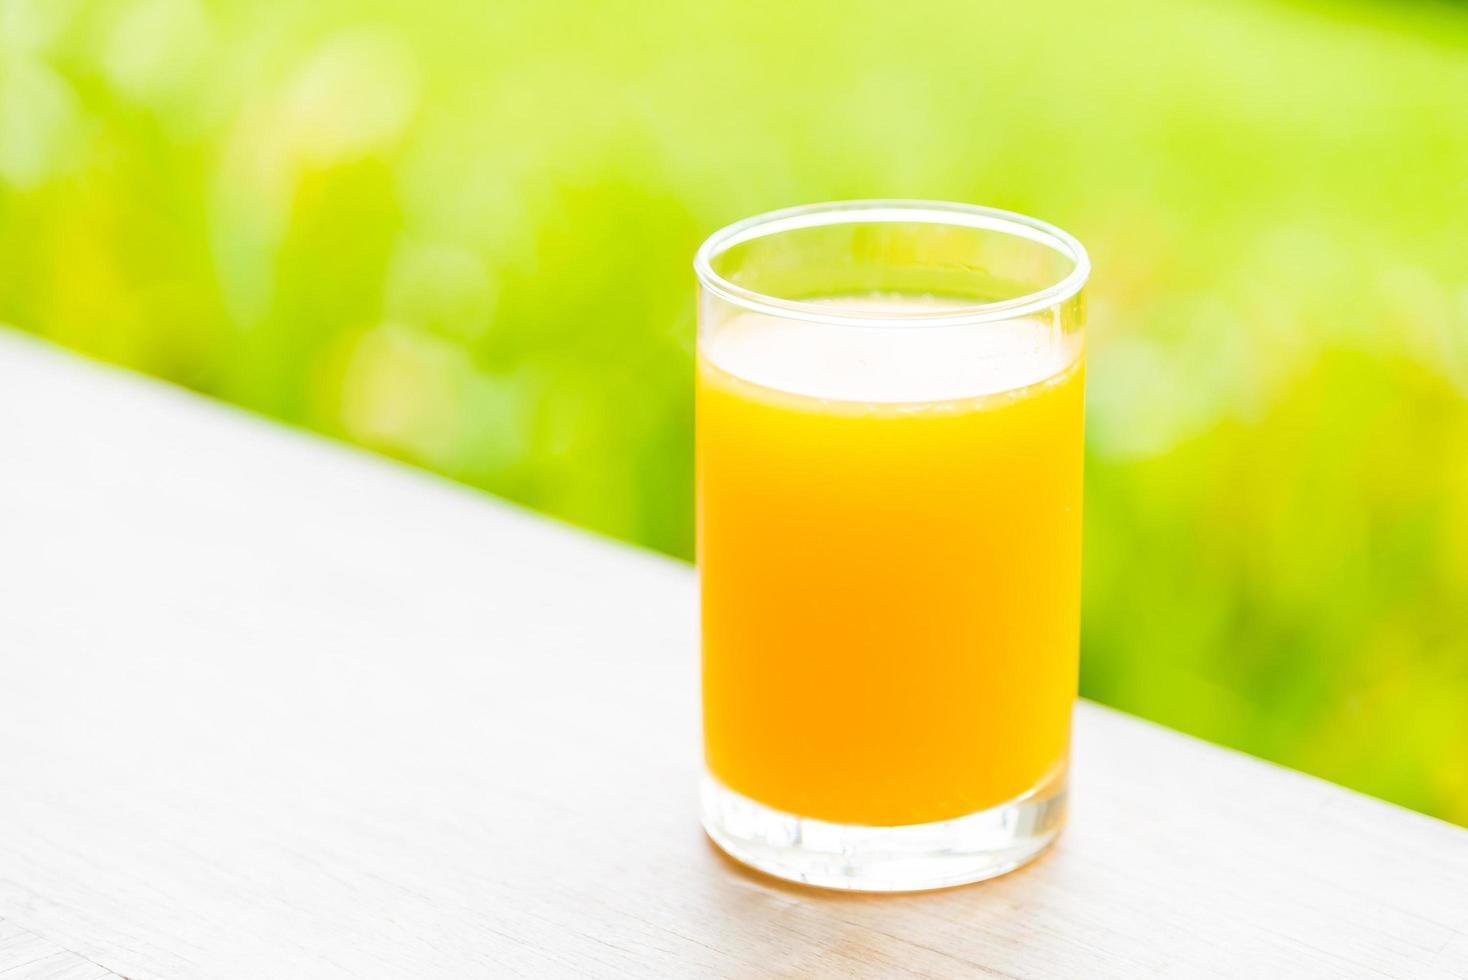 apelsinjuice glas foto